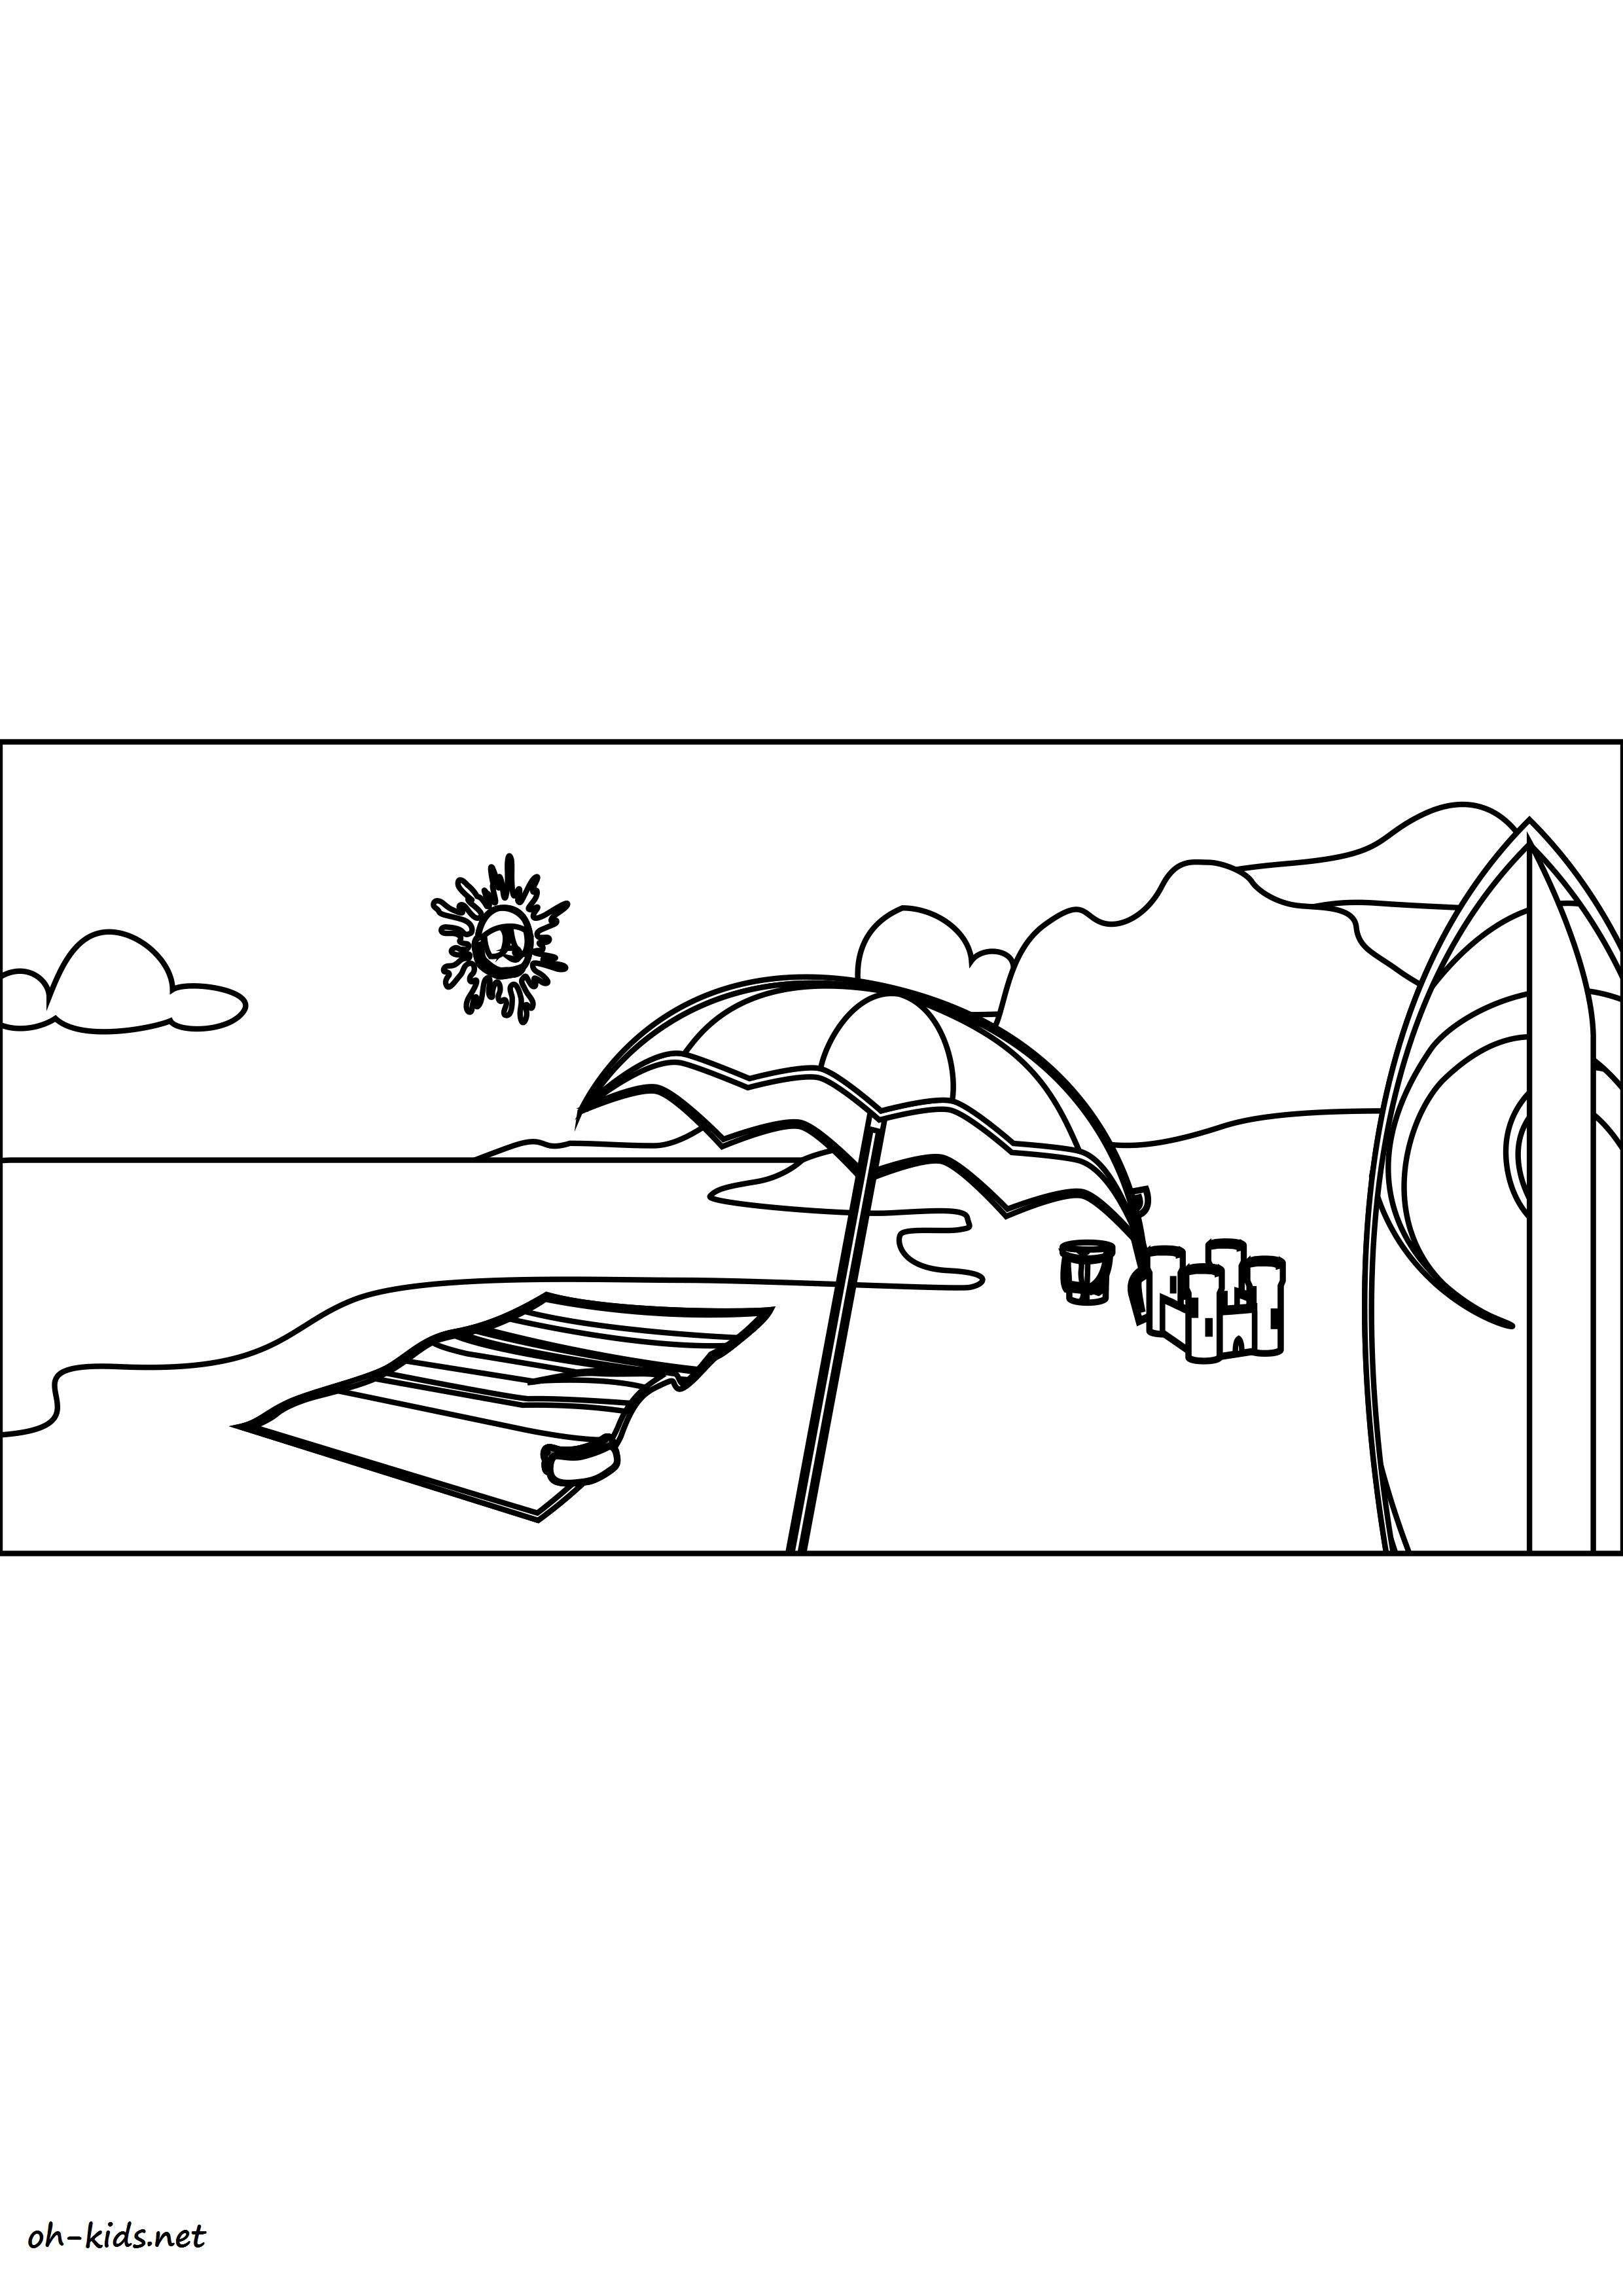 Coloriage plage - Dessin #1463